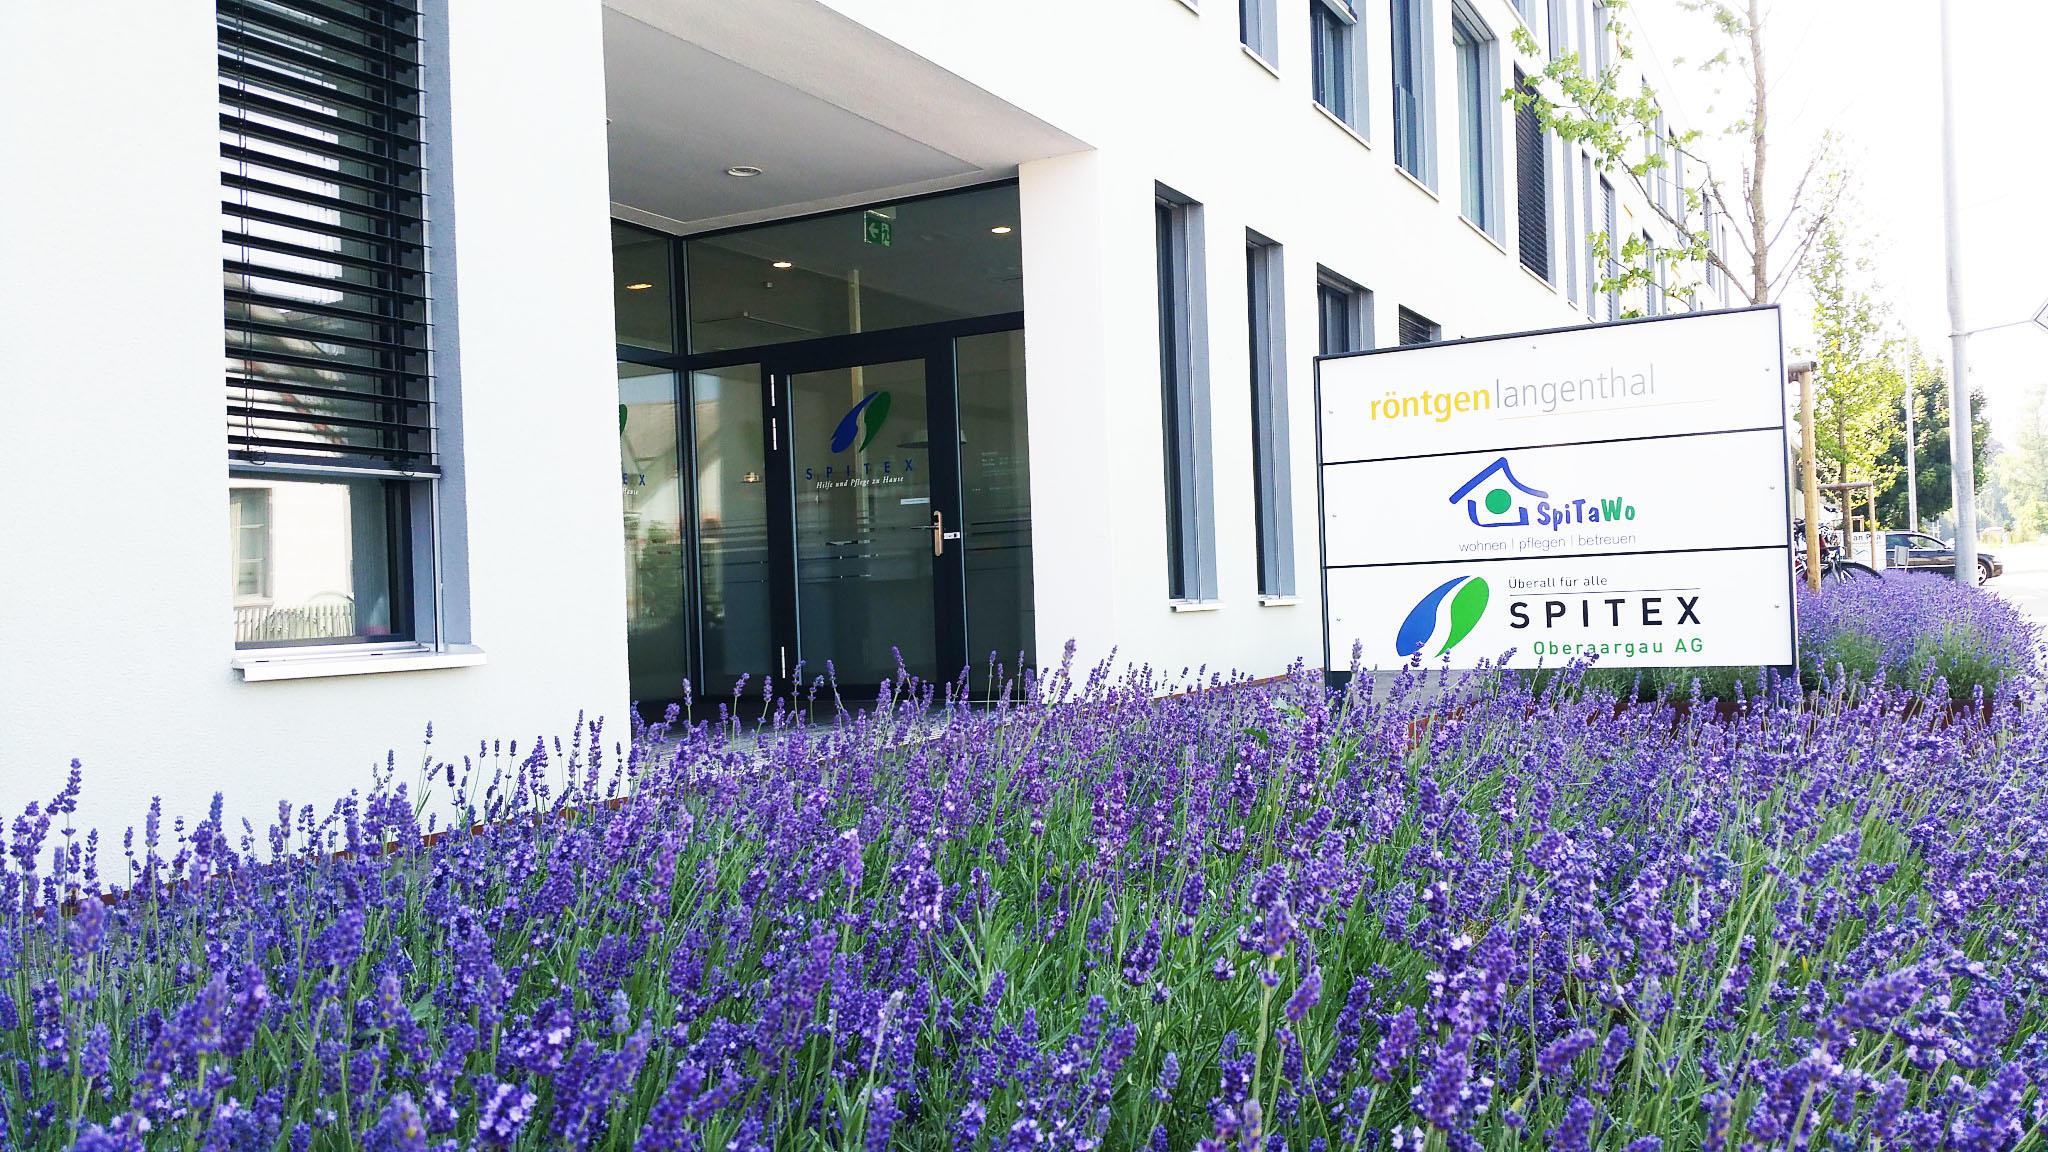 Spitex Oberaargau AG